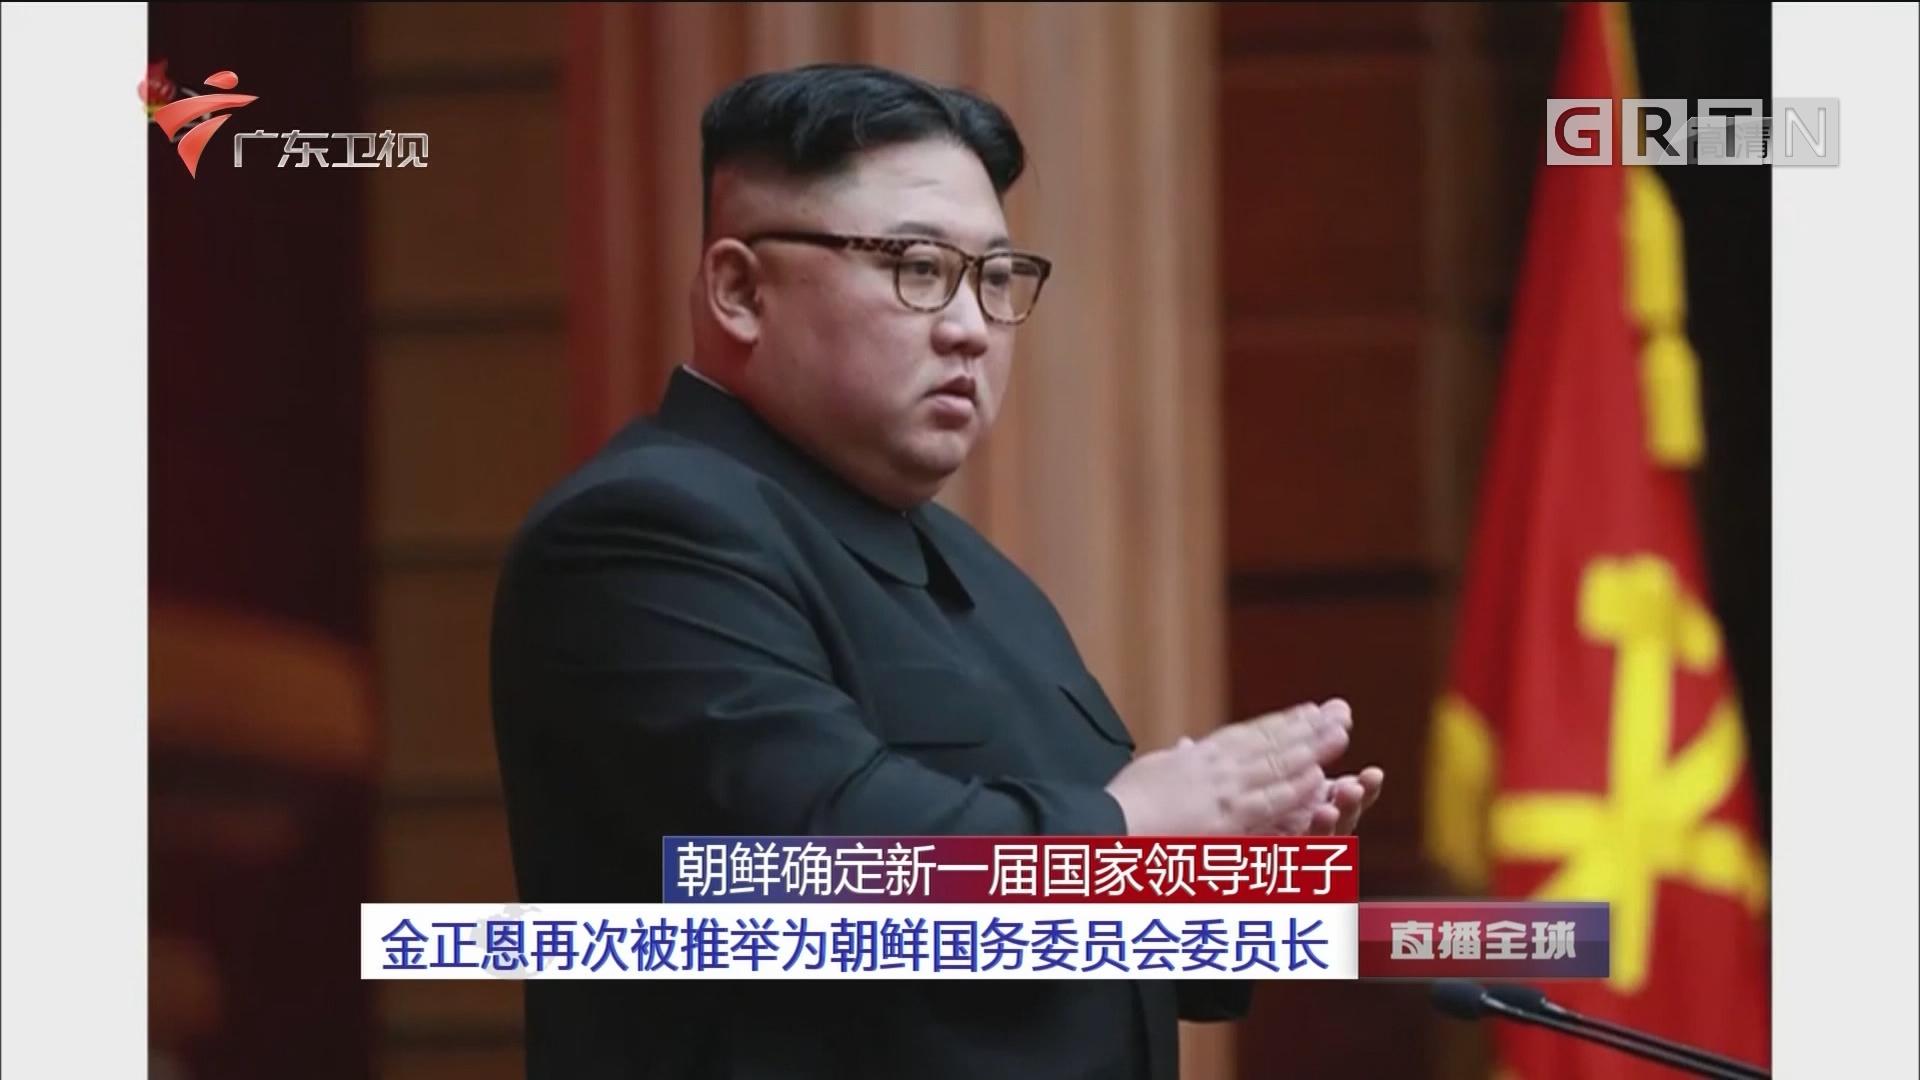 朝鲜确定新一届国家领导班子:金正恩再次被推举为朝鲜国务委员会委员长